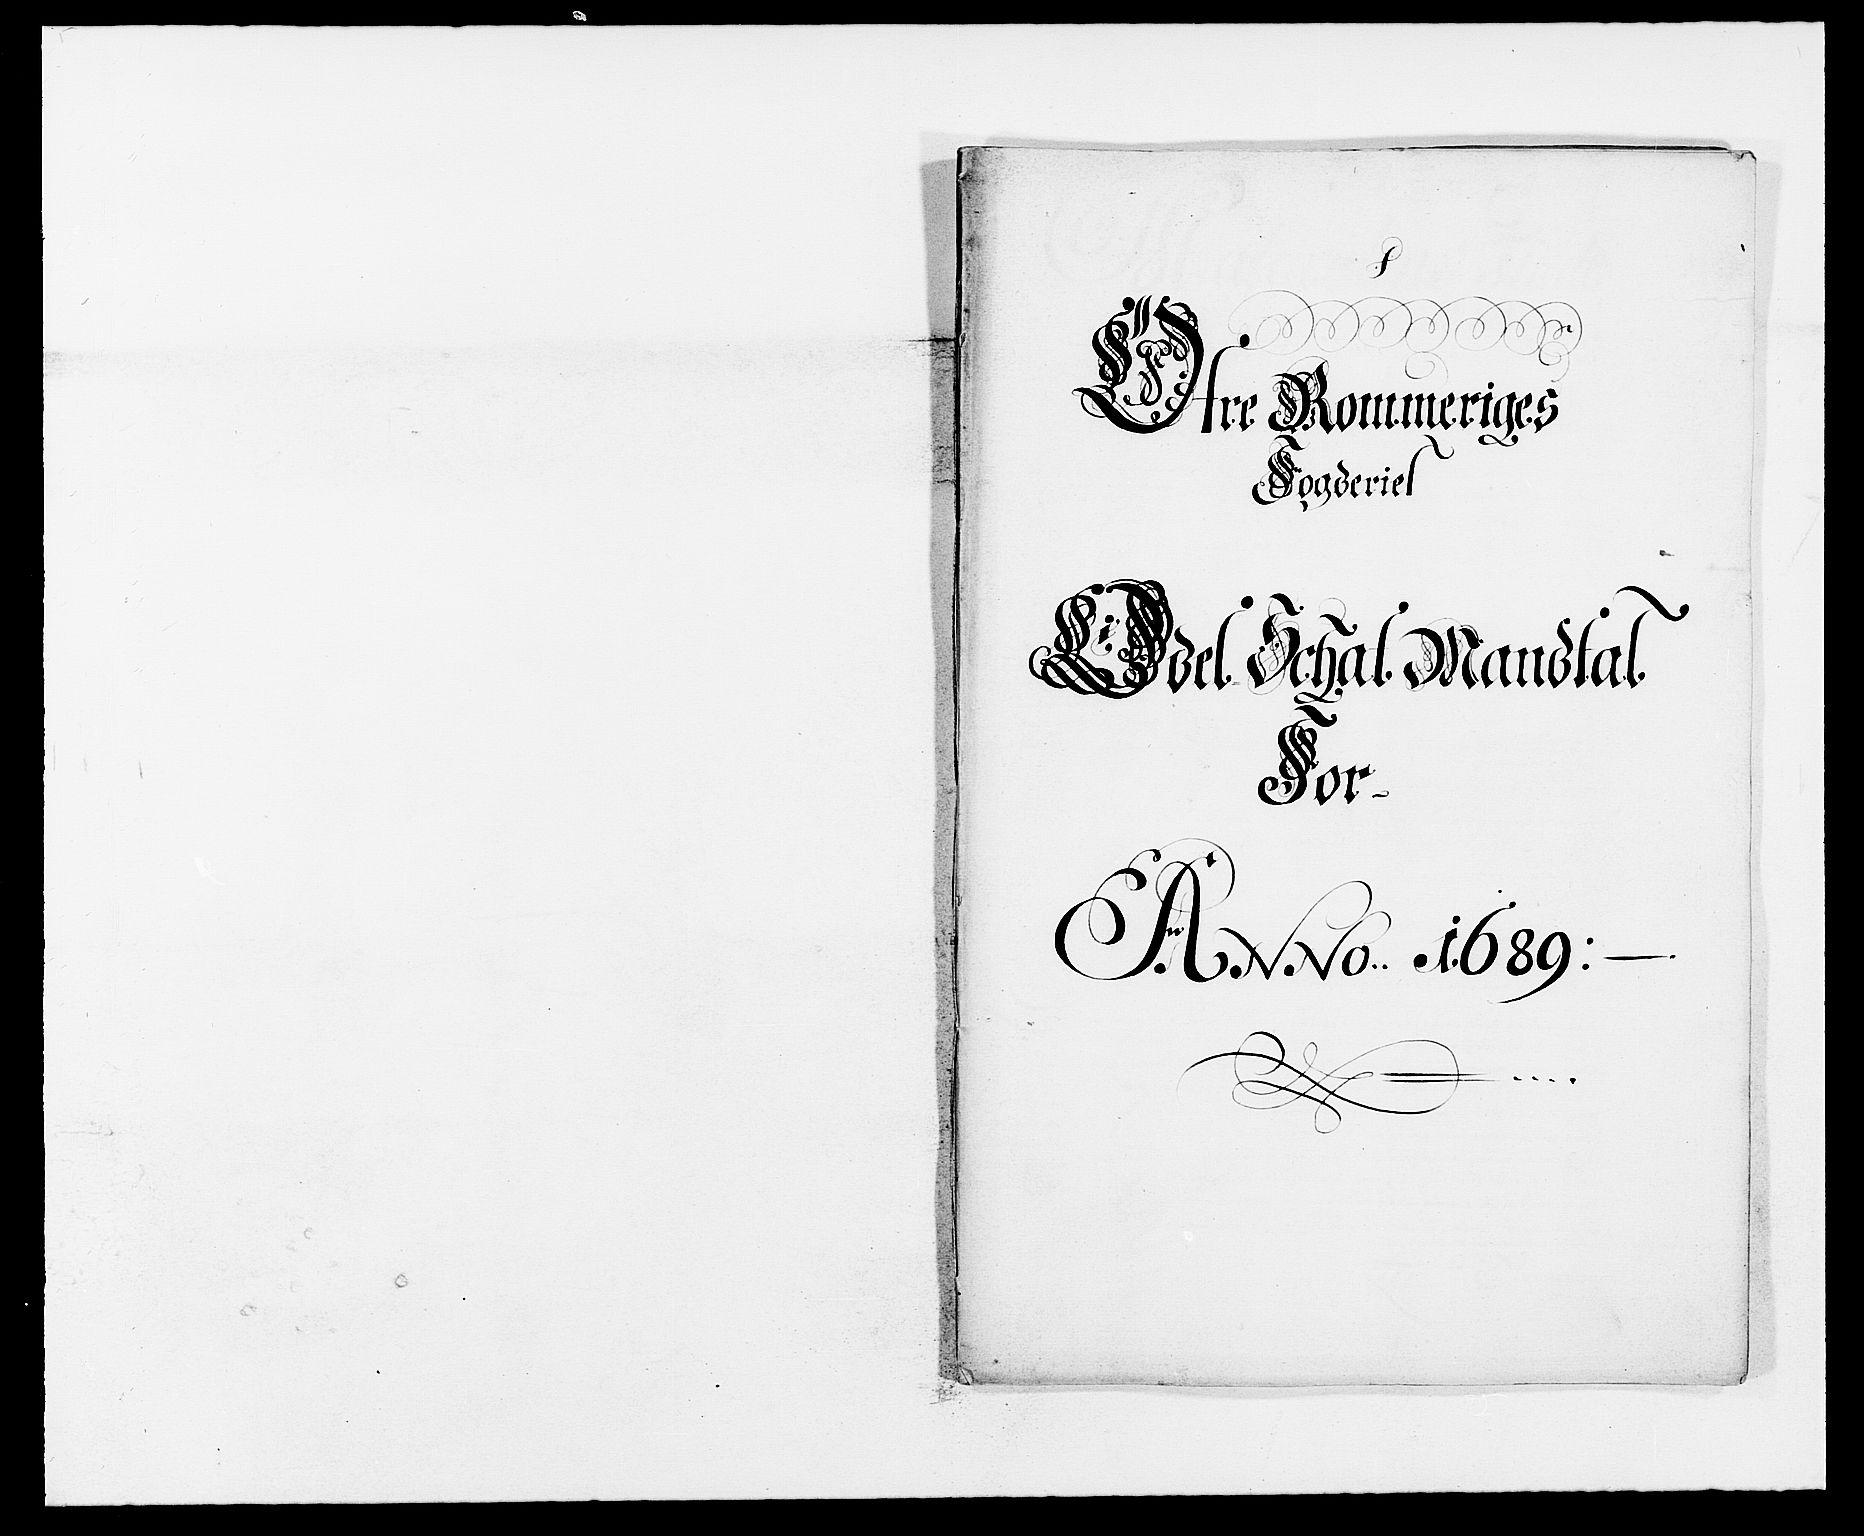 RA, Rentekammeret inntil 1814, Reviderte regnskaper, Fogderegnskap, R12/L0701: Fogderegnskap Øvre Romerike, 1689, s. 154